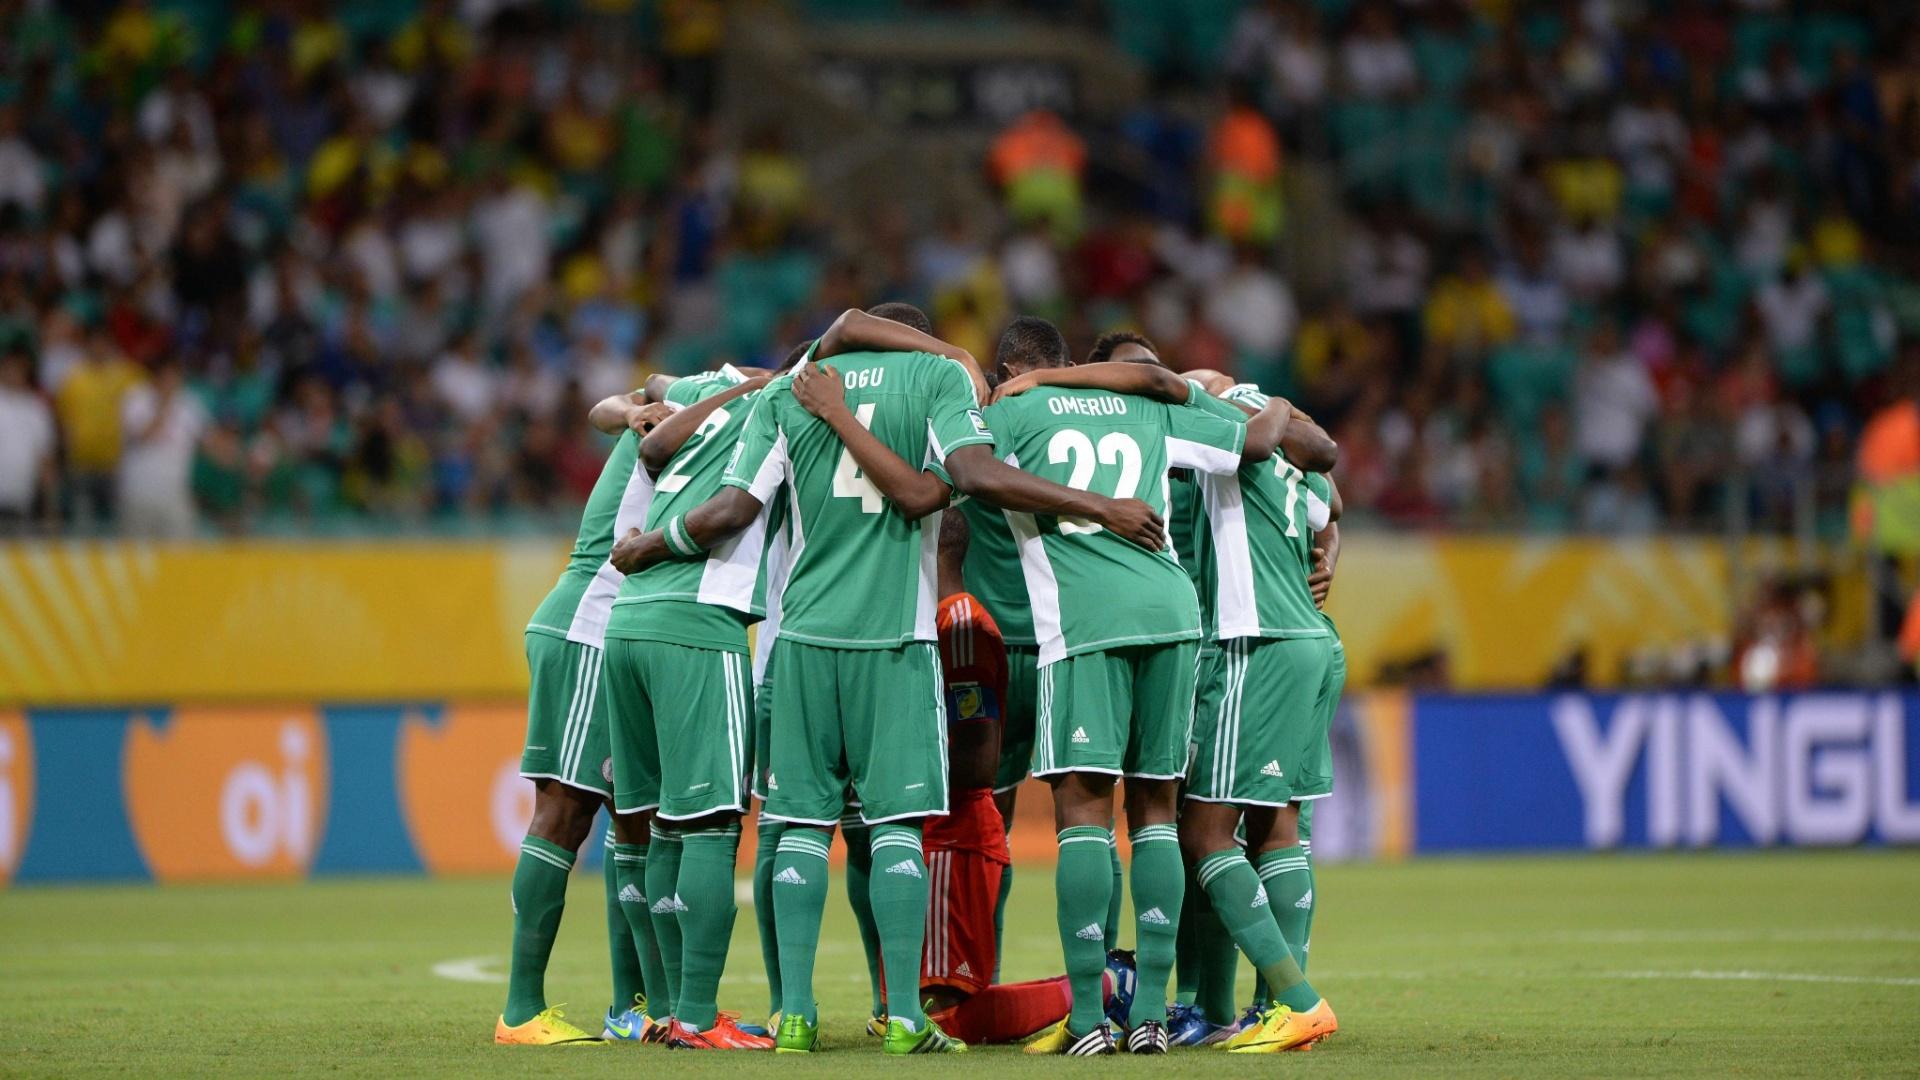 20.jun.2013 - Jogadores da Nigéria fazem última reunião no gramado antes de jogo contra o Uruguai